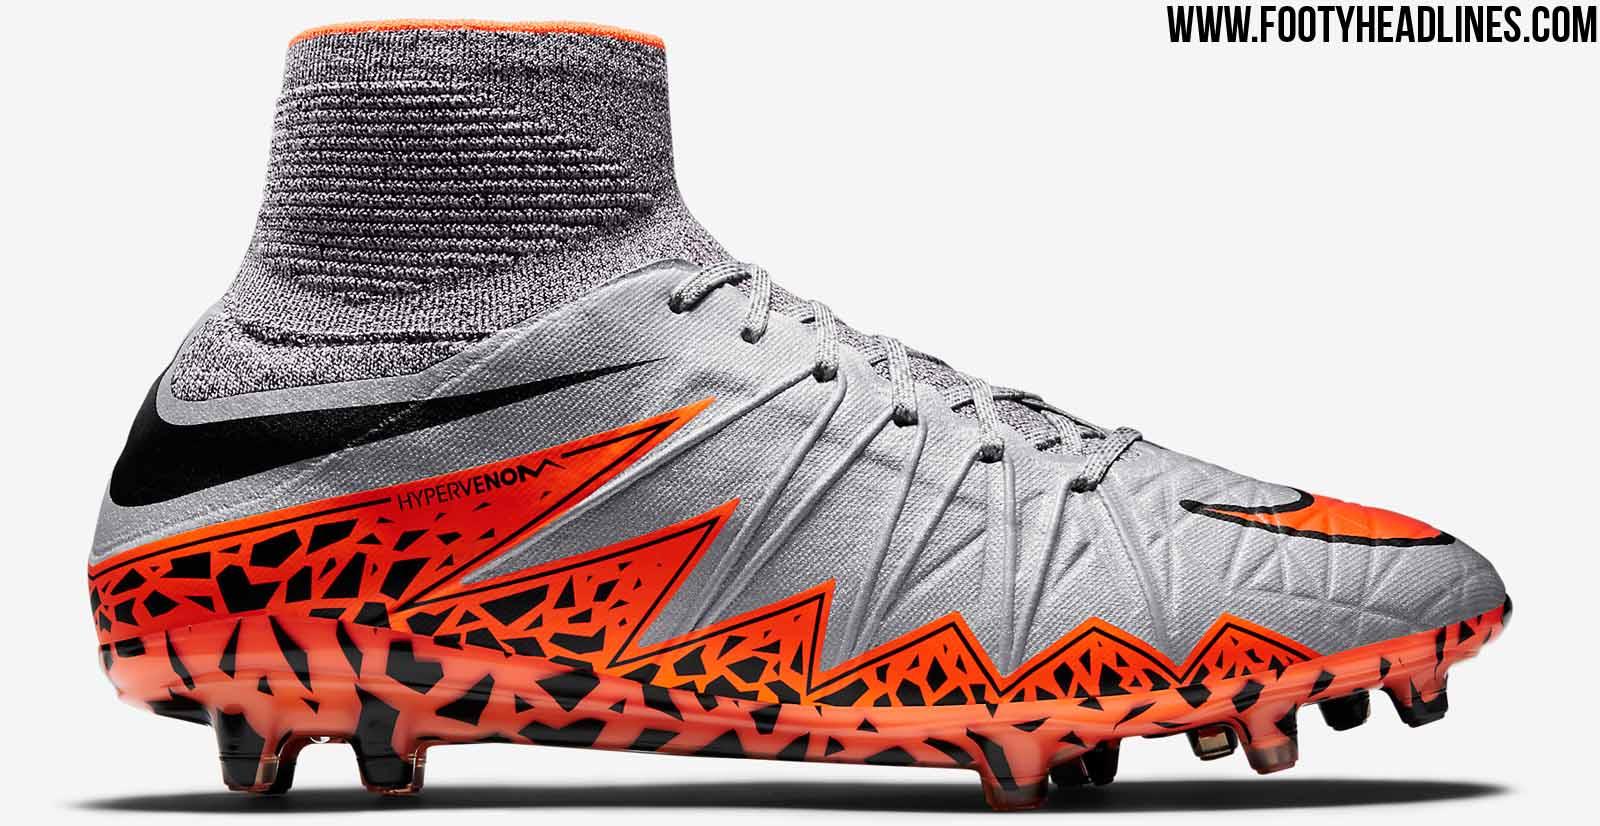 065a6247449 ... FG Firm Ground Soccer Cleats White Pink Black Nike Hypervenom 2 Wolf  Grey Black Orange Nike Hypervenom Phantom ...